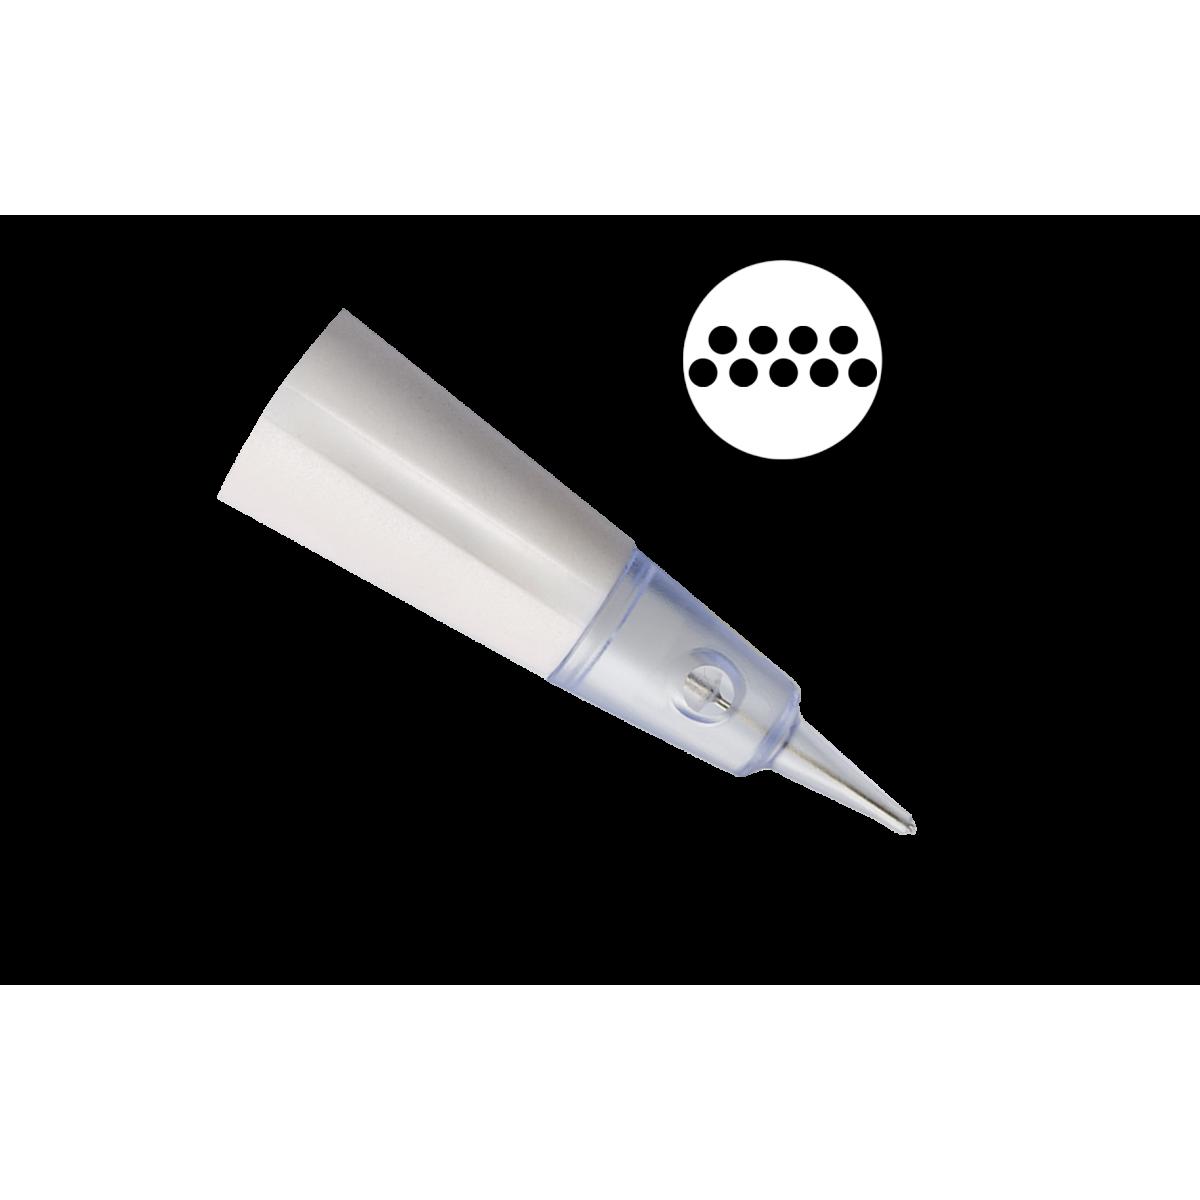 POUR GENIUS - MODULE 9 MAGNUM (0,30 mm) GENIUS AMIEA